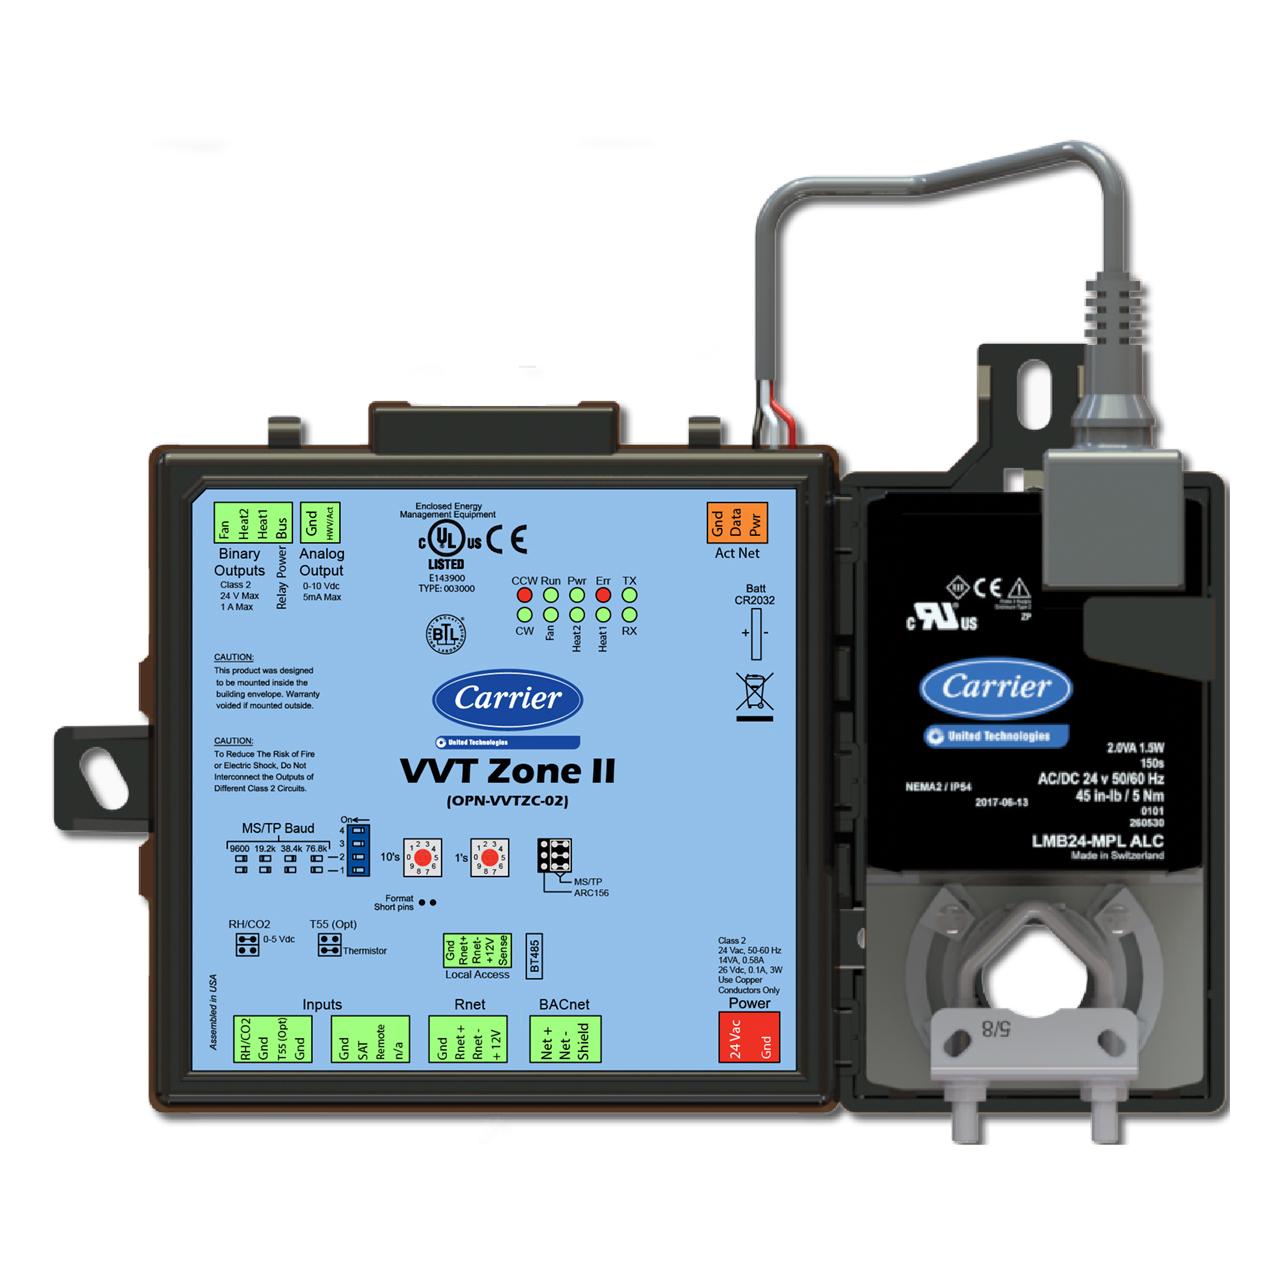 carrier-OPN-VVTZC-02-ivu-vvt-zone-ii-controller